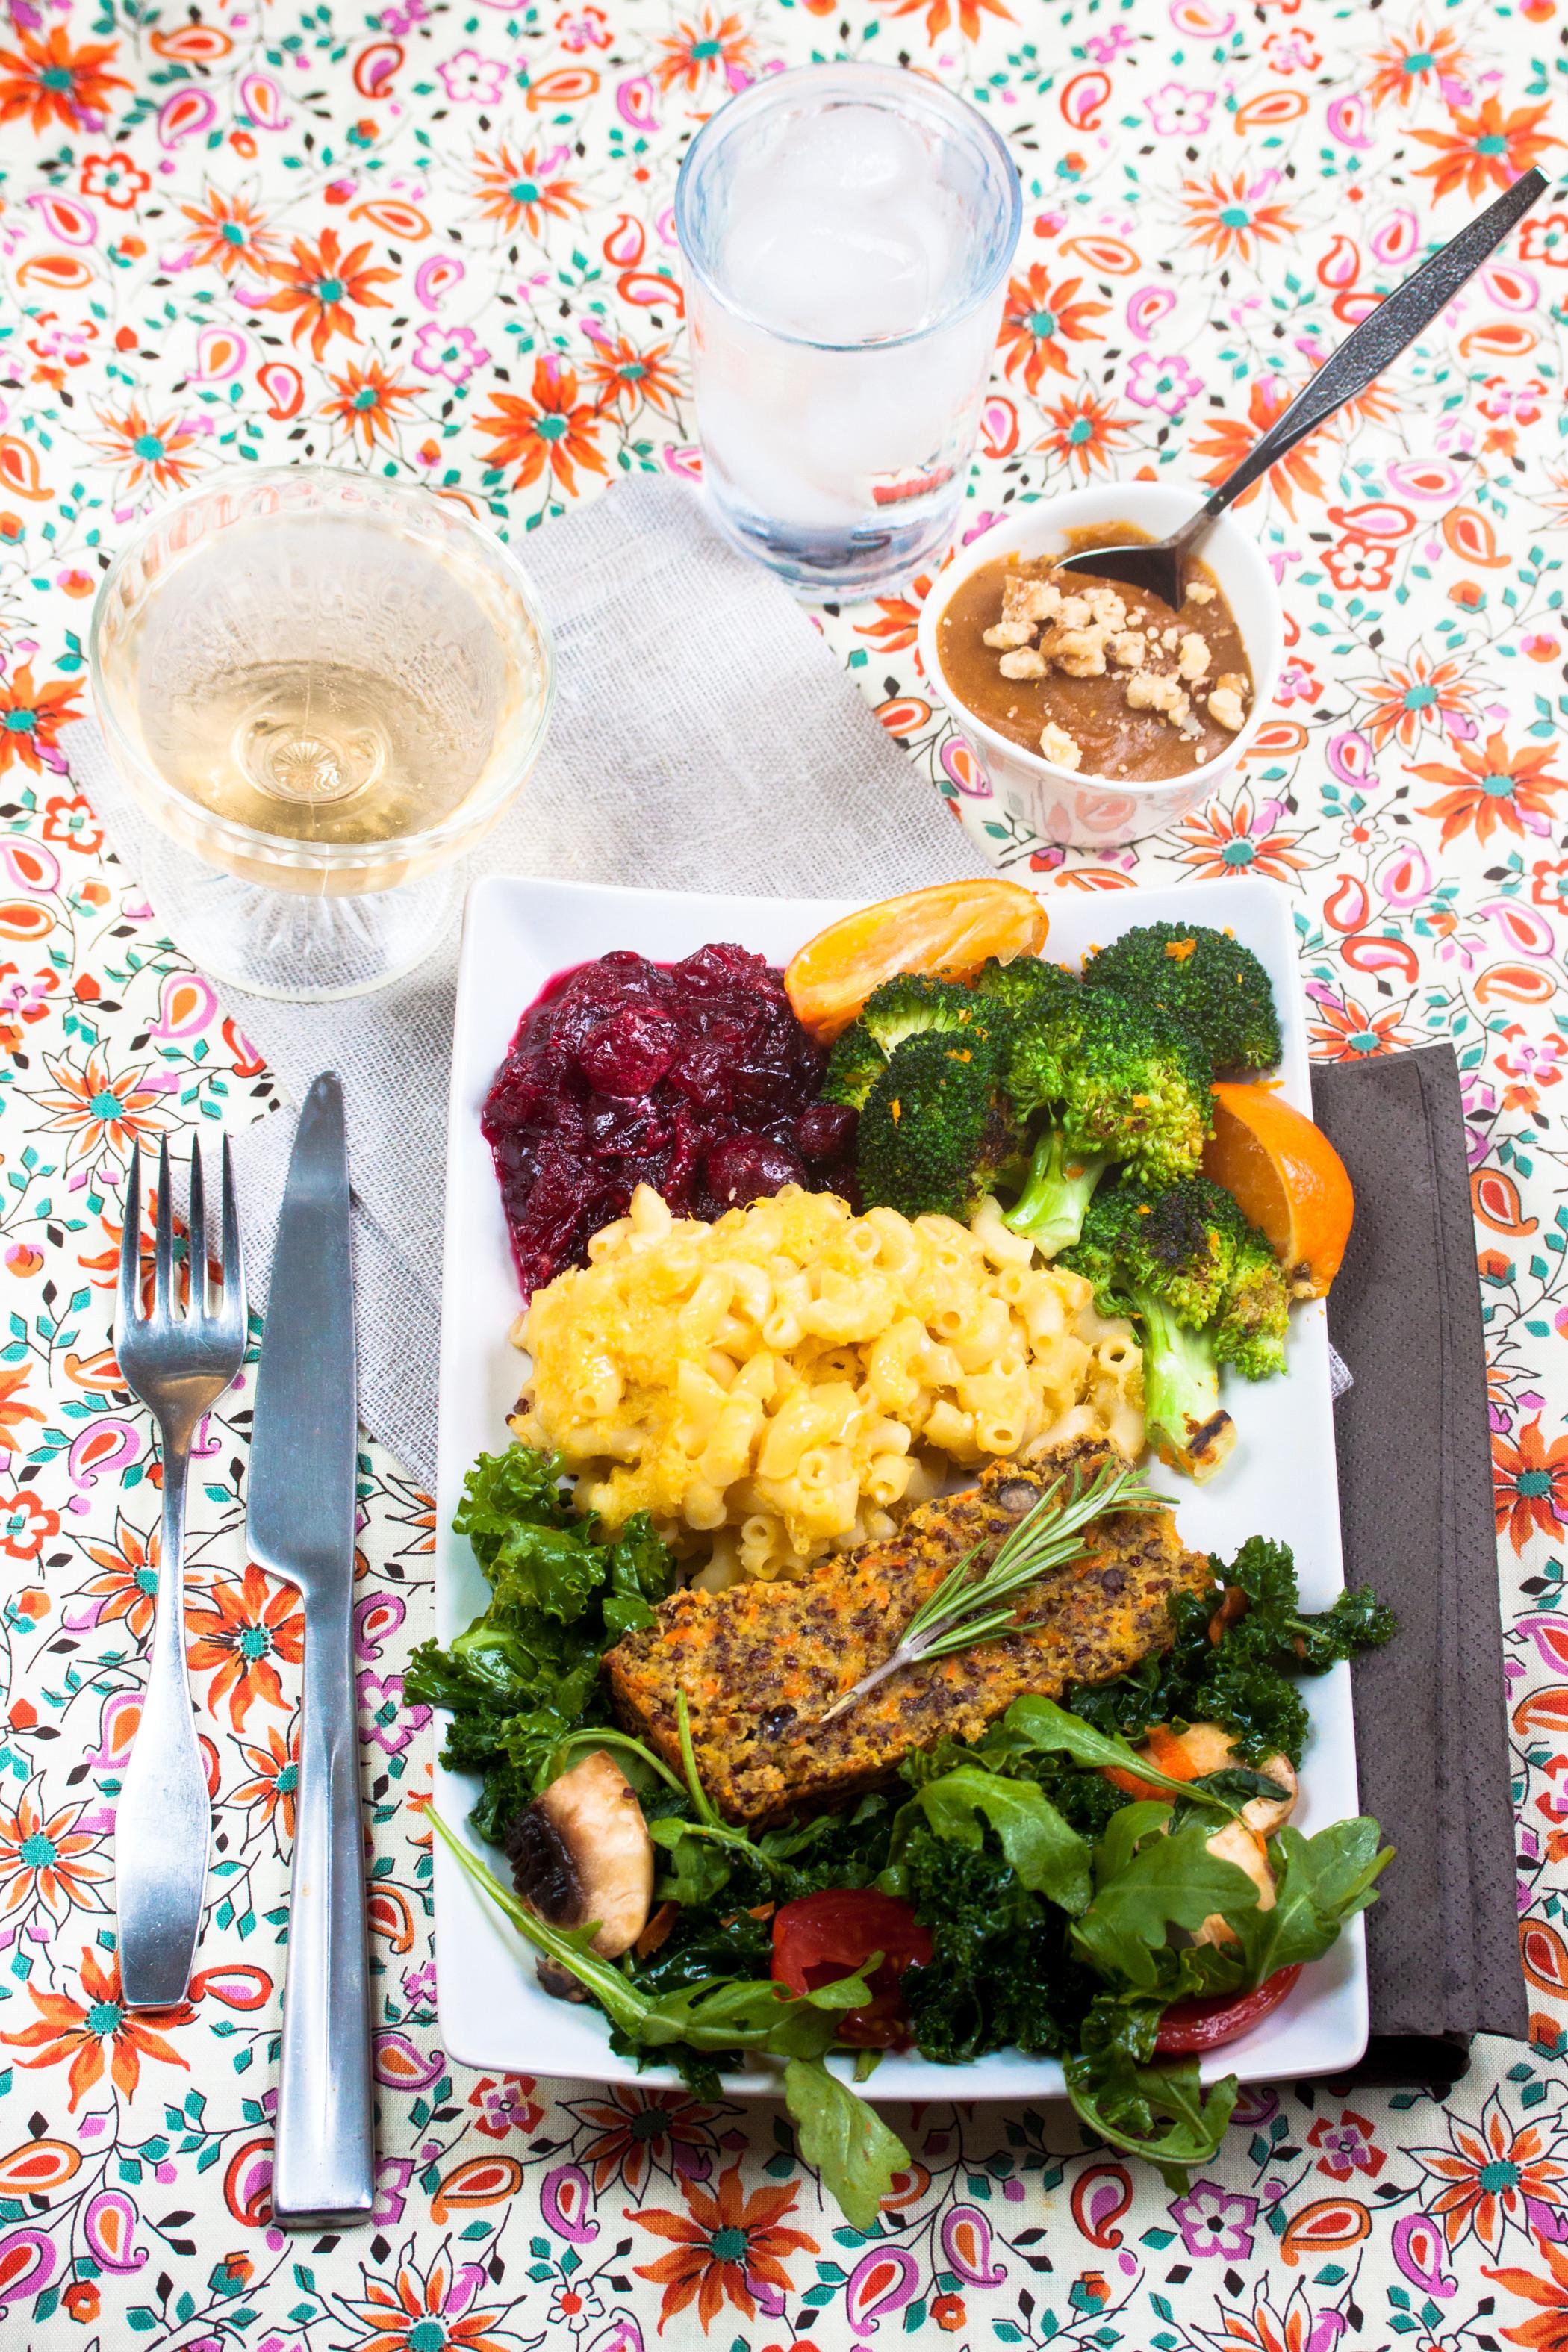 Vegan Meals For Thanksgiving  Gluten Free Vegan Thanksgiving Menu